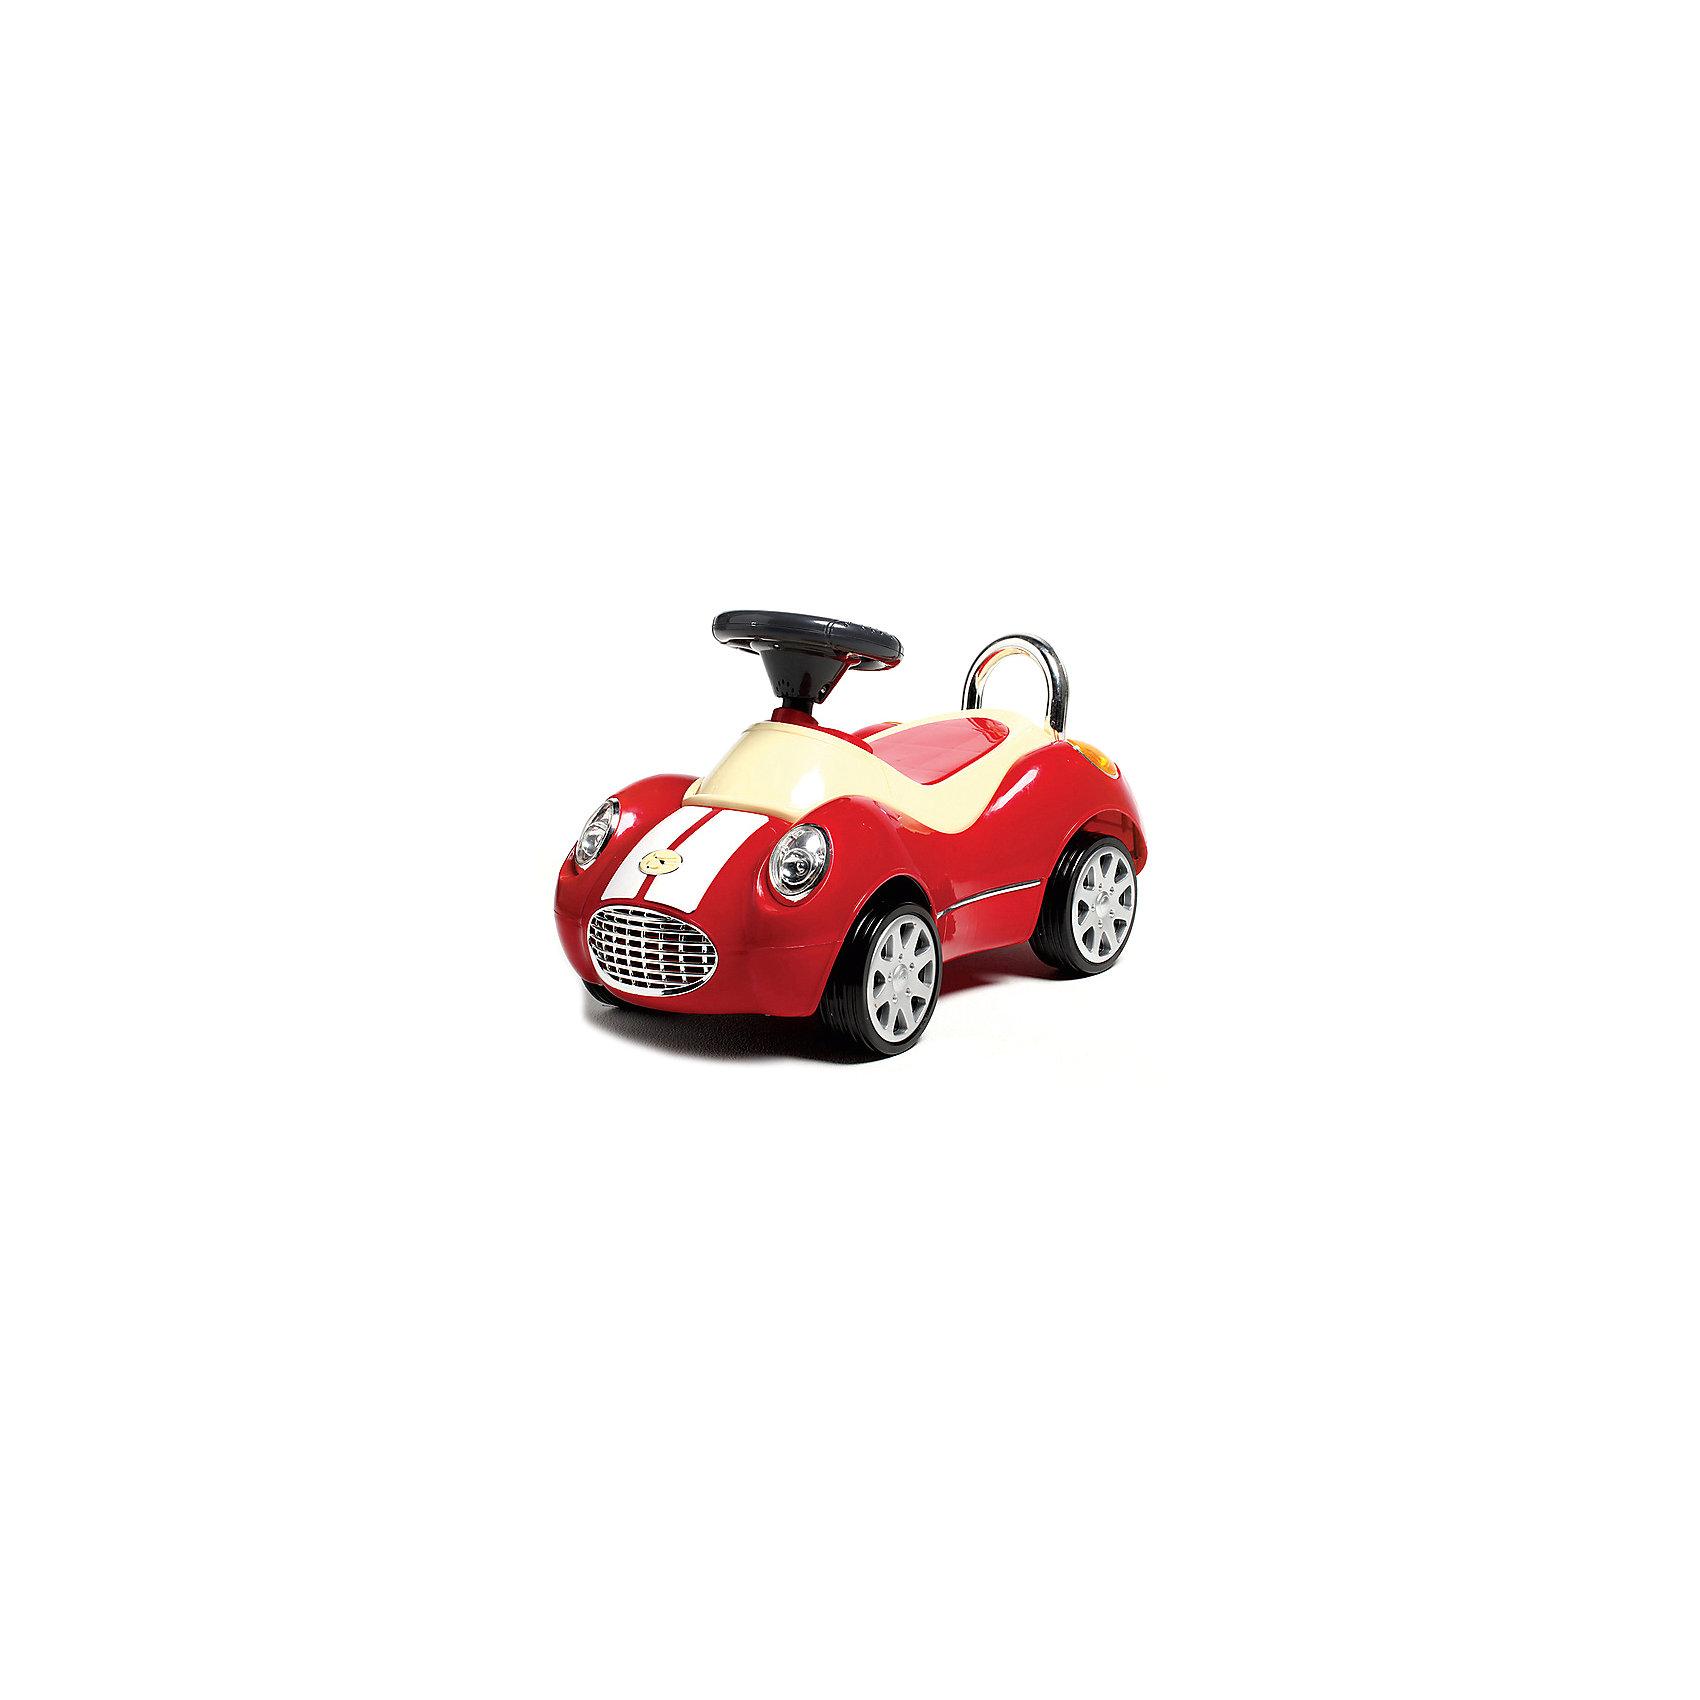 Машинка-каталка Кабриолет Люкс FOXY-CAR Happy Baby, краснаяМашинка-каталка FOXY-CAR развивает координацию движений, мускулатуру детей.<br><br>Характеристики: музыкальный сигнал; стильный дизайн мощного внедорожника; прочный пластик; удобное сиденье; для дома и улицы.<br><br>Дополнительная информация:<br><br>- Материал: пластмасса.<br>- Размеры: 71 x 33 x 33 см<br>- Максимальная нагрузка: 15 кг<br><br>Машинку-каталку Кабриолет Люкс FOXY-CAR Happy Baby, красную можно купить в нашем магазине.<br><br>Ширина мм: 710<br>Глубина мм: 355<br>Высота мм: 260<br>Вес г: 4500<br>Цвет: красный<br>Возраст от месяцев: 12<br>Возраст до месяцев: 36<br>Пол: Унисекс<br>Возраст: Детский<br>SKU: 3971619